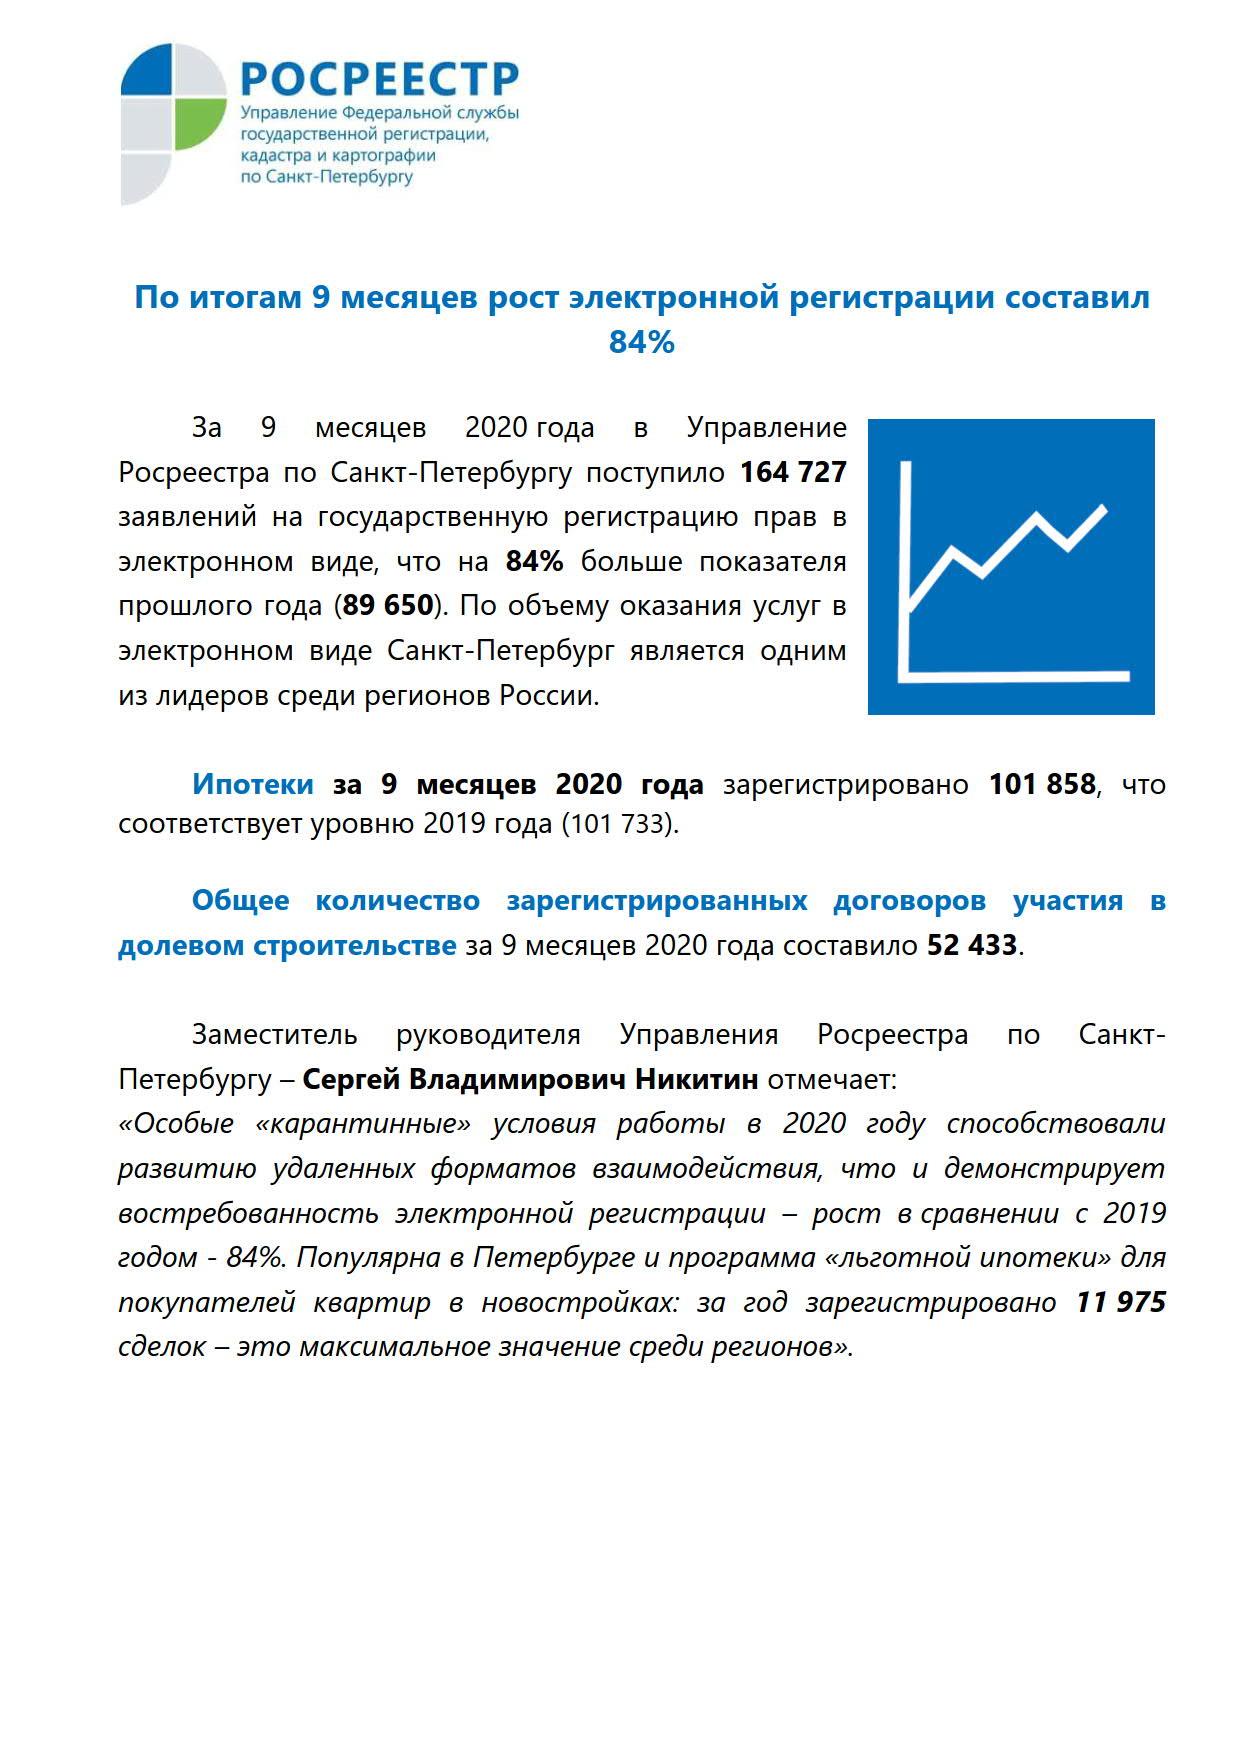 П-р_ 9 месяцев 84 электронной регистрации_1